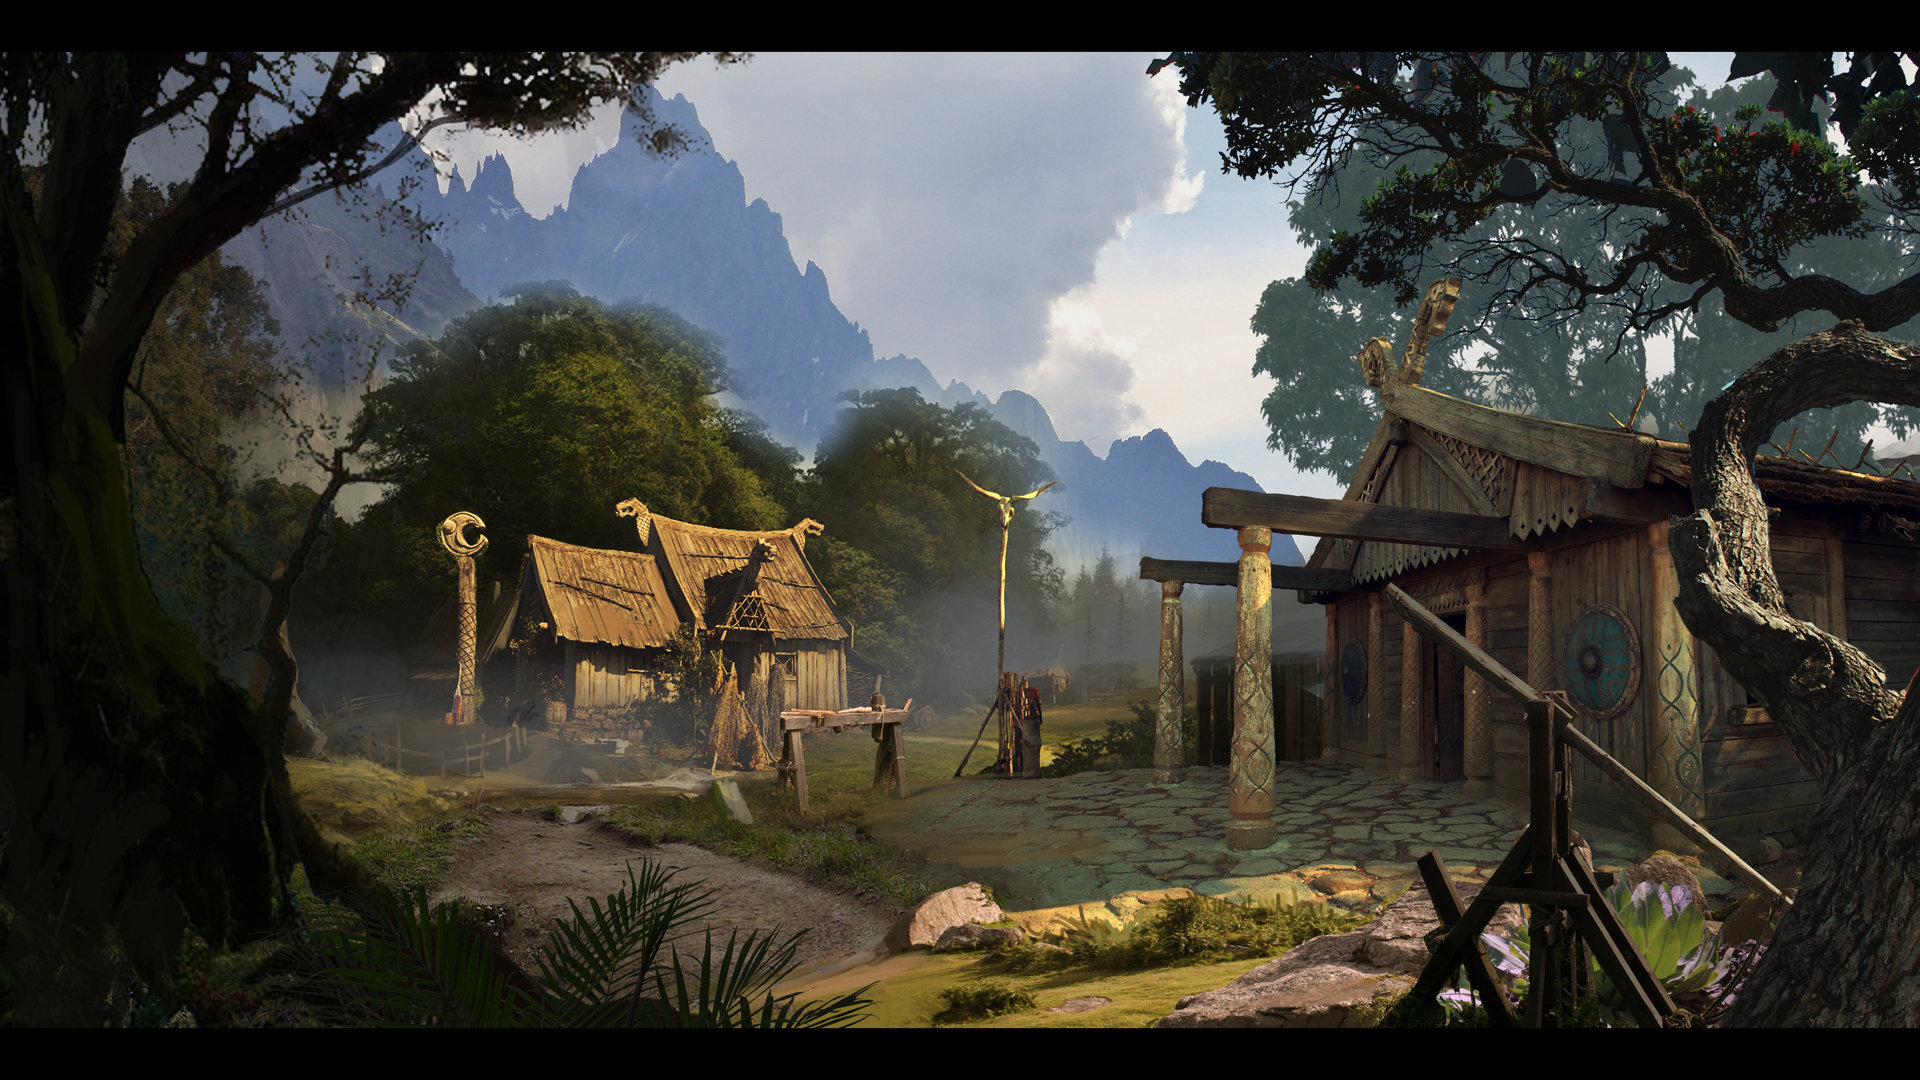 mahesh-naidu-viking-village01-zpse0159ef9.jpg